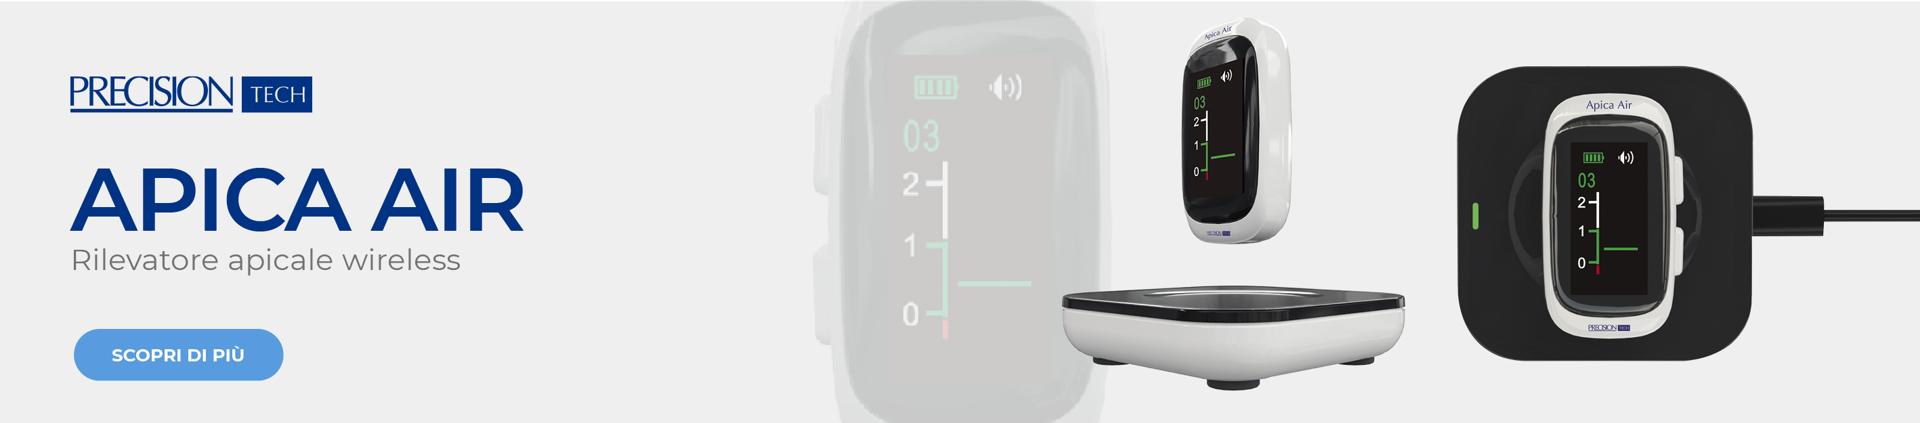 Apica Air Precision-Tech - Rilevatore apicale wireless